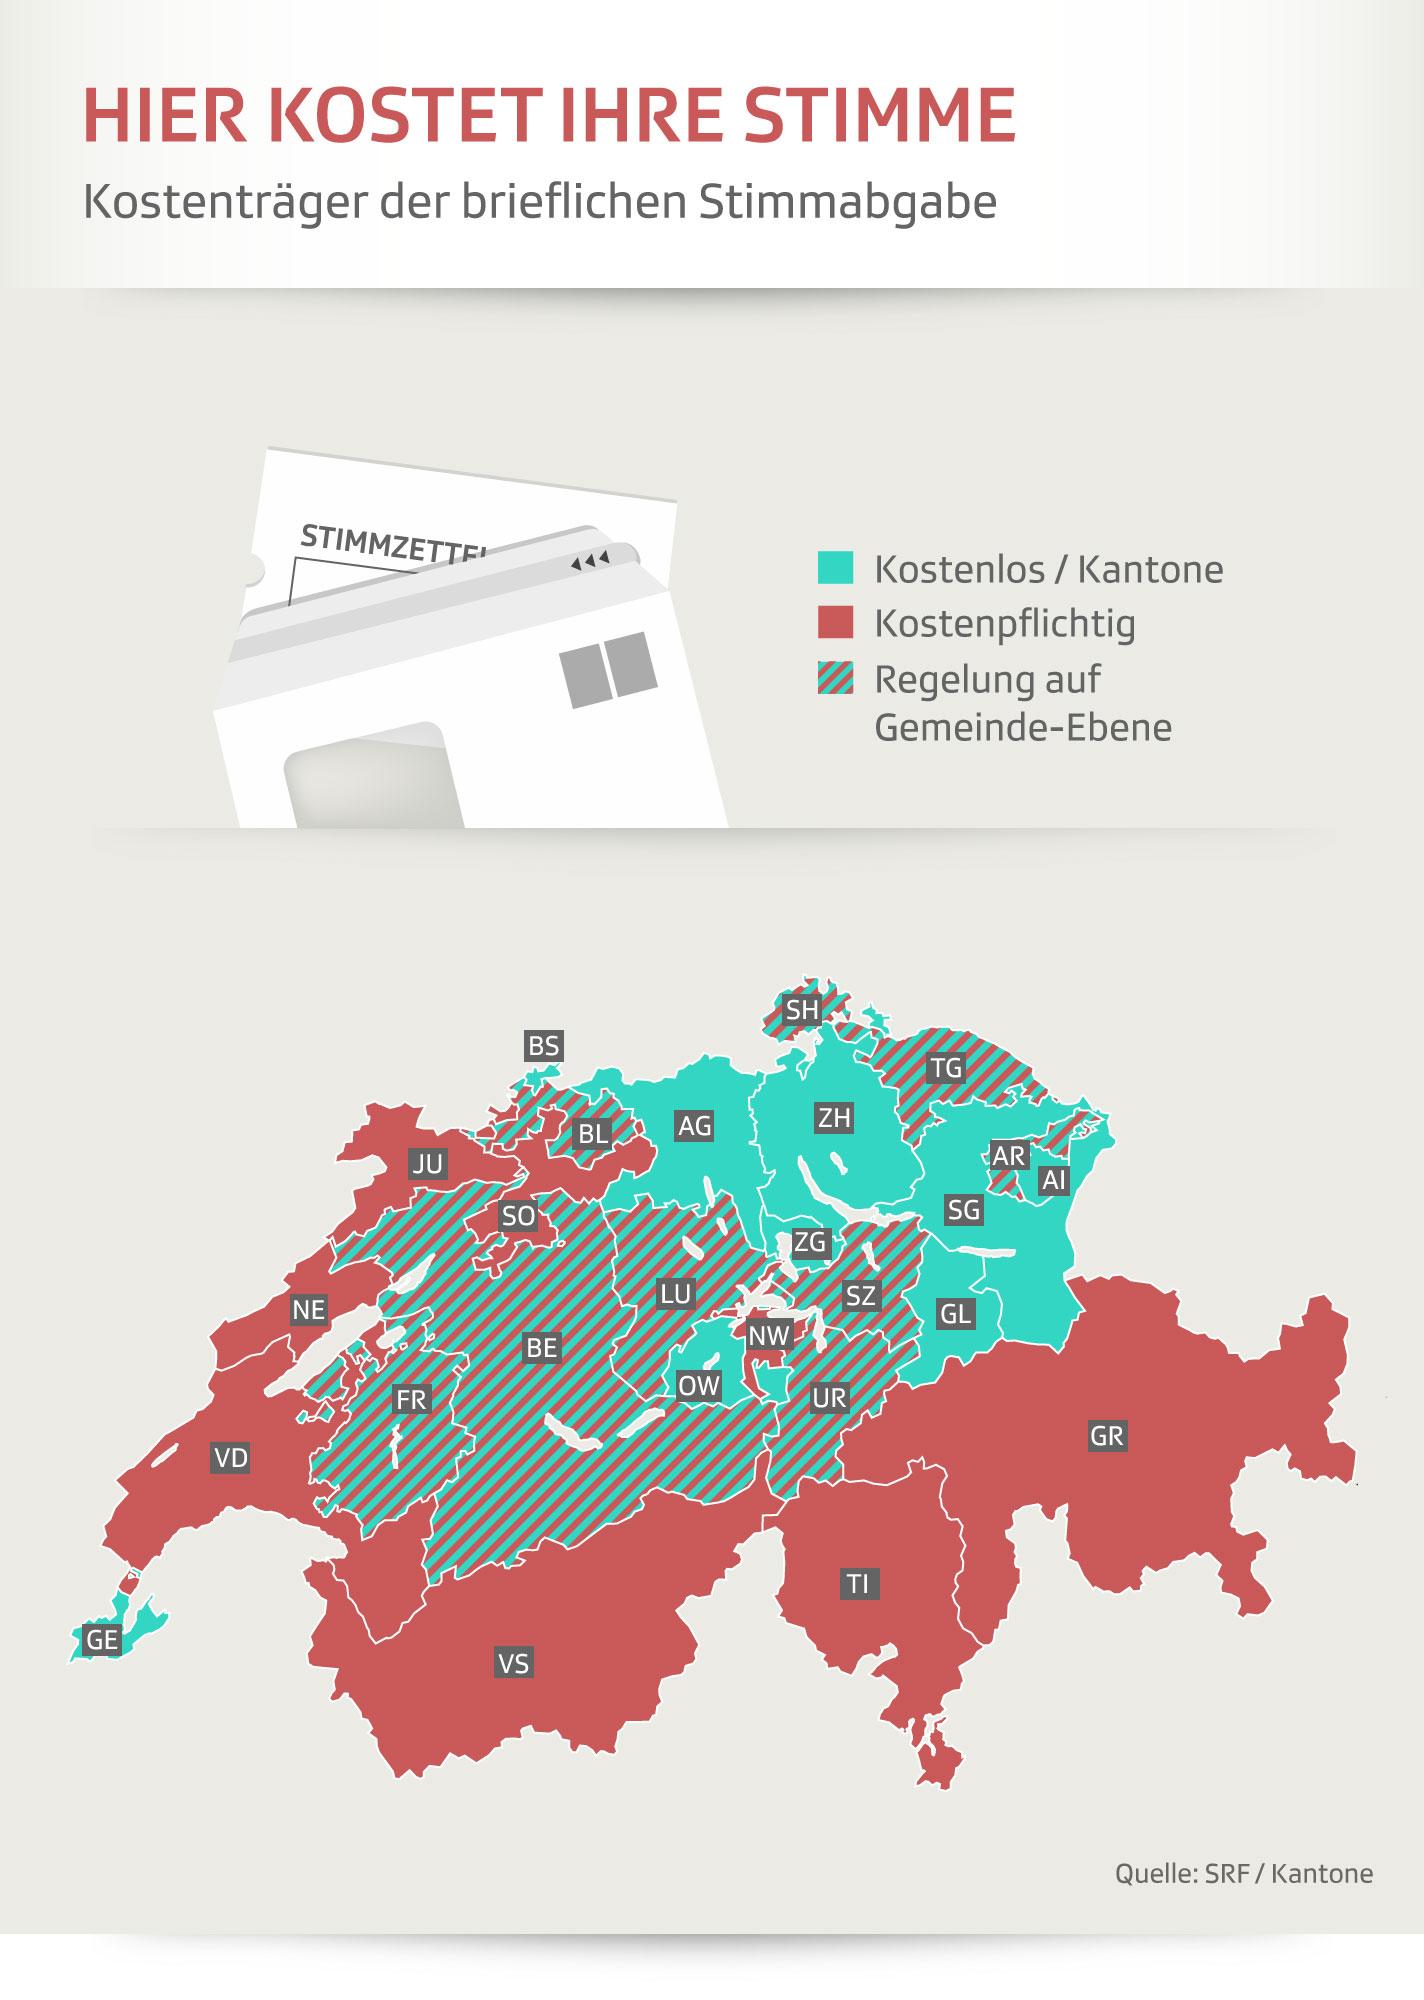 Grafik briefliche Stimmabgabe